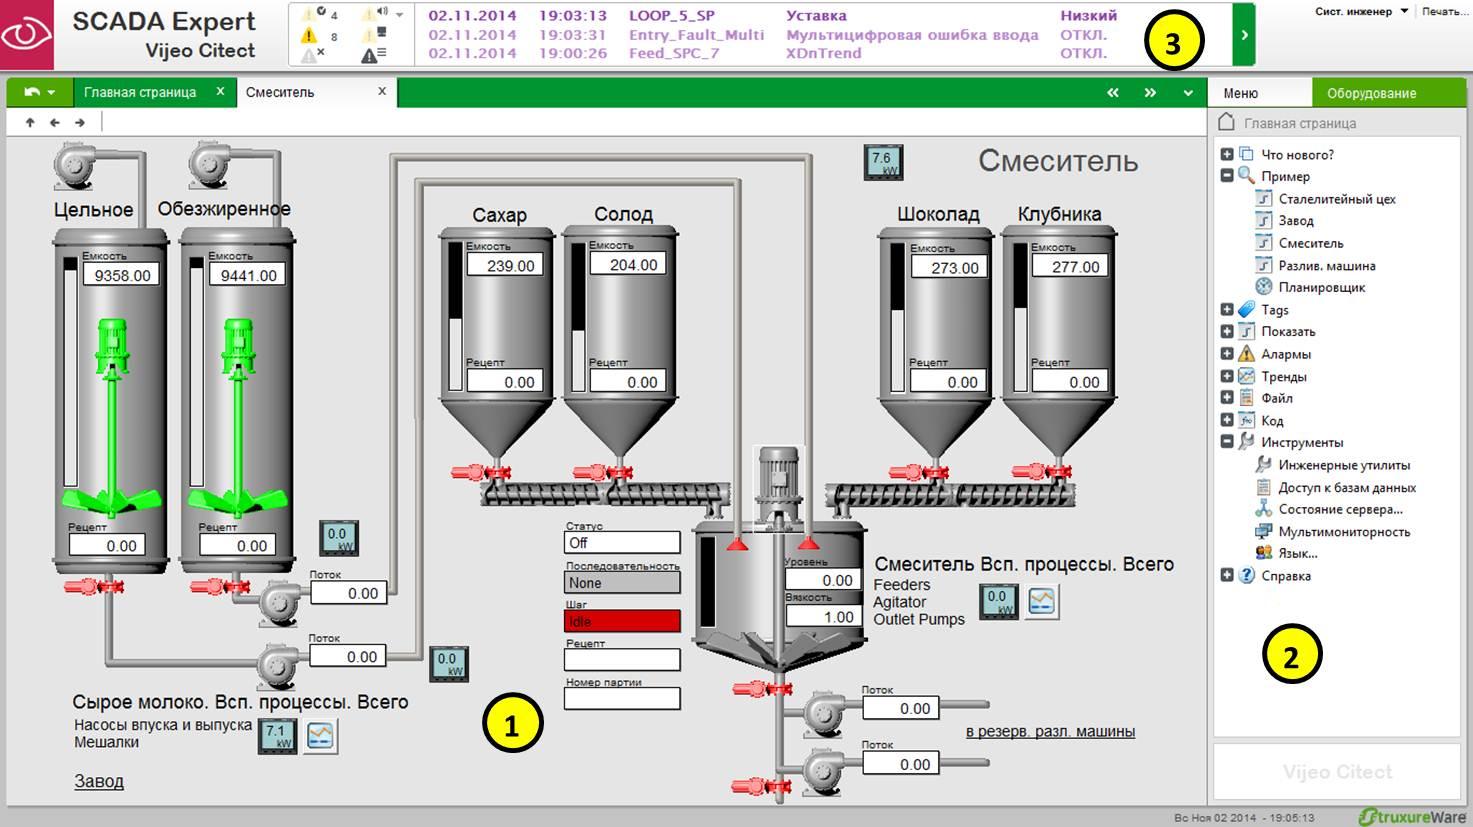 Рис. 7. Приклад загального вигляду екрана людино-машинного інтерфейсу (SCADA Vijeo Citect)